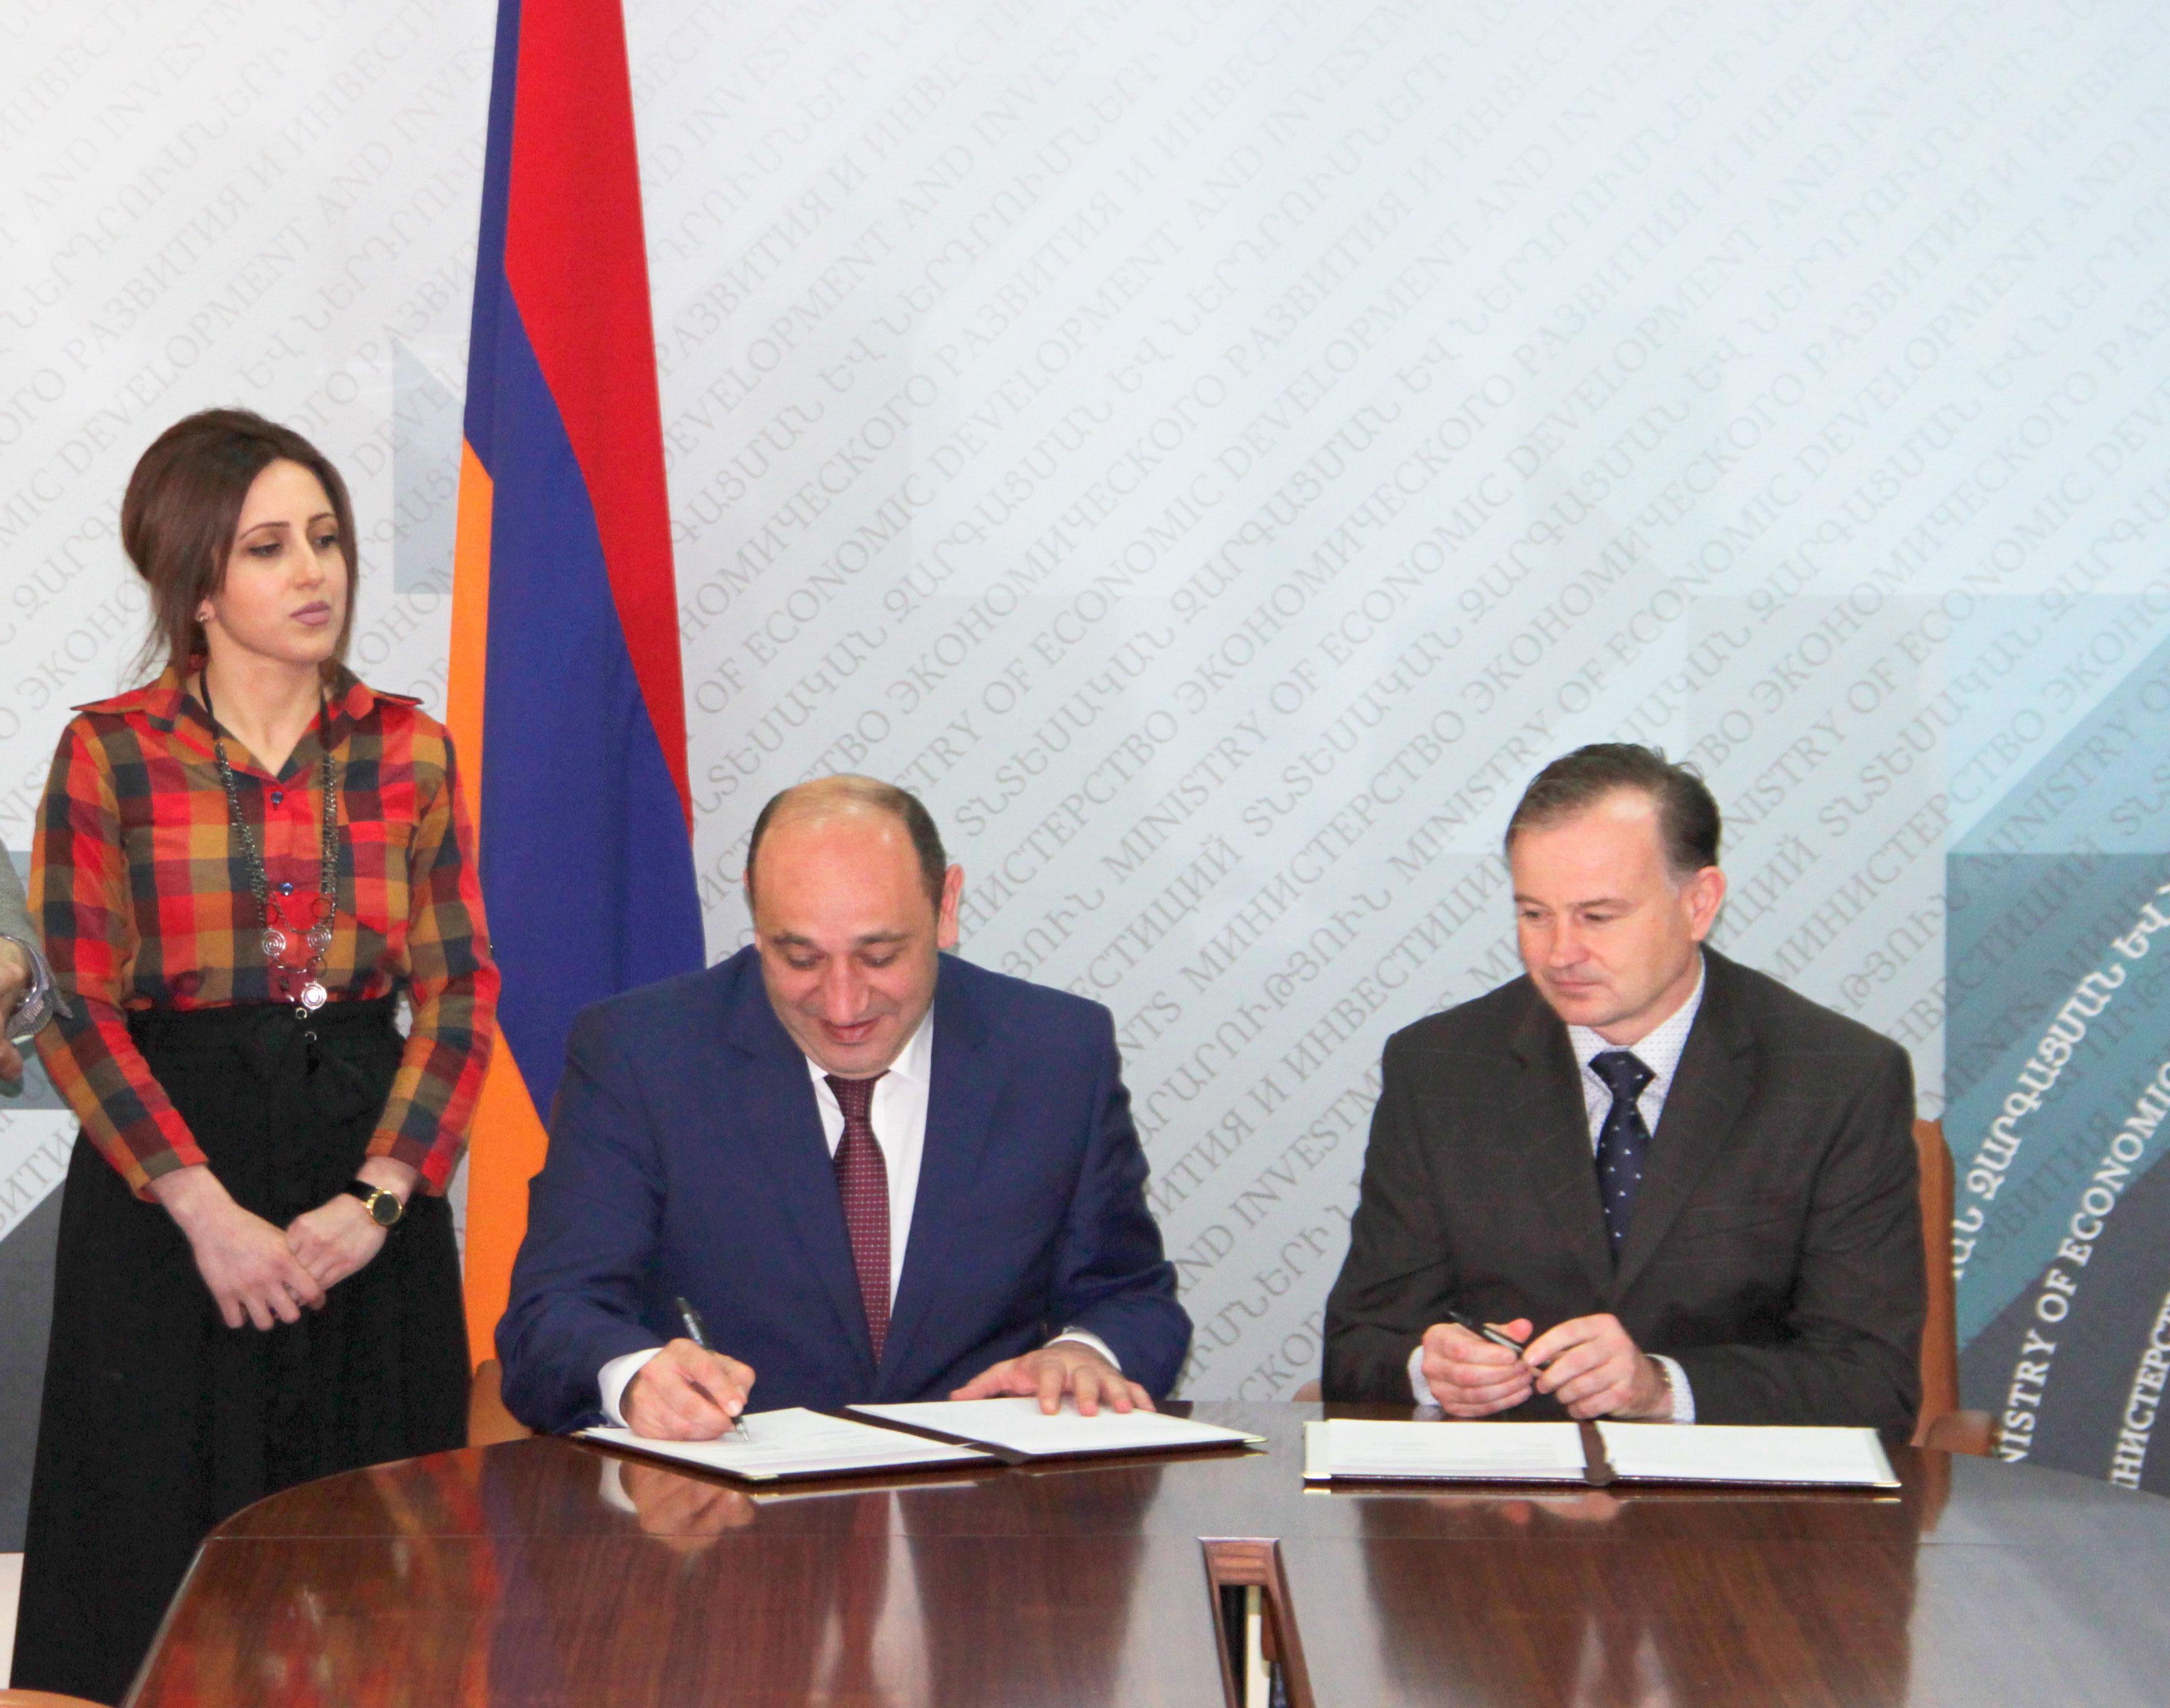 Չեխական ընկերությունը Հայաստանում լուսադիոդային լուսավորման համակարգեր կարտադրի. ստեղծվում է 170 աշխատատեղ